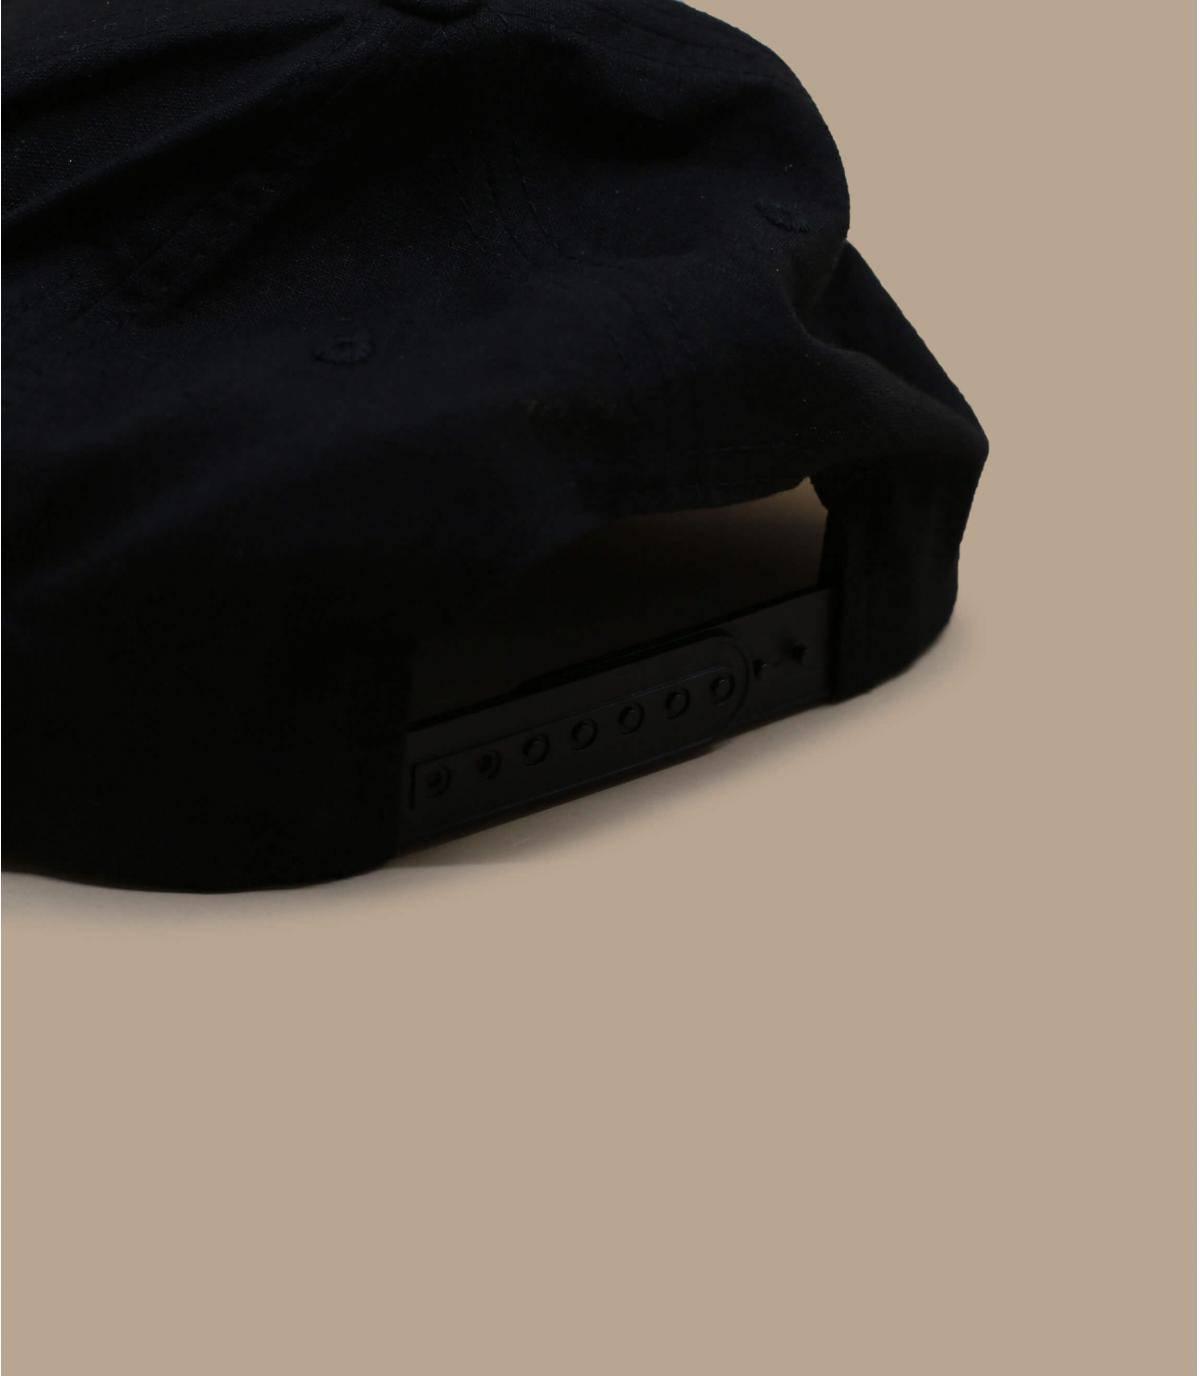 Détails New Wave black - image 4